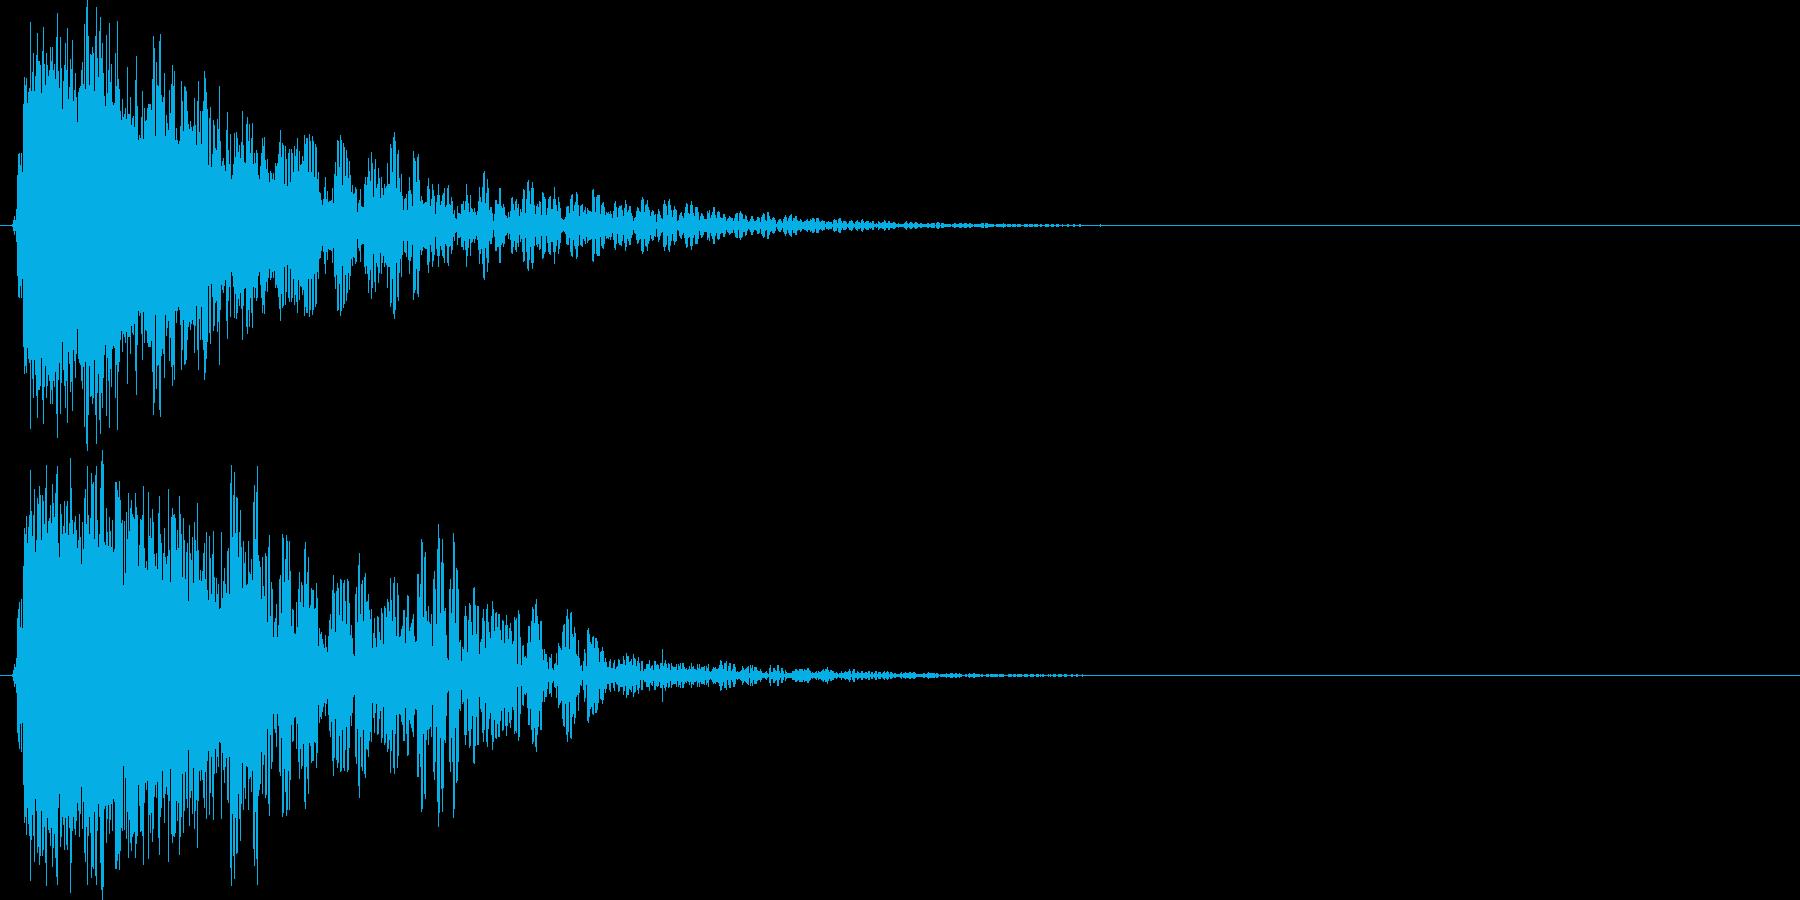 「ガキィーン」派手な衝撃#7の再生済みの波形